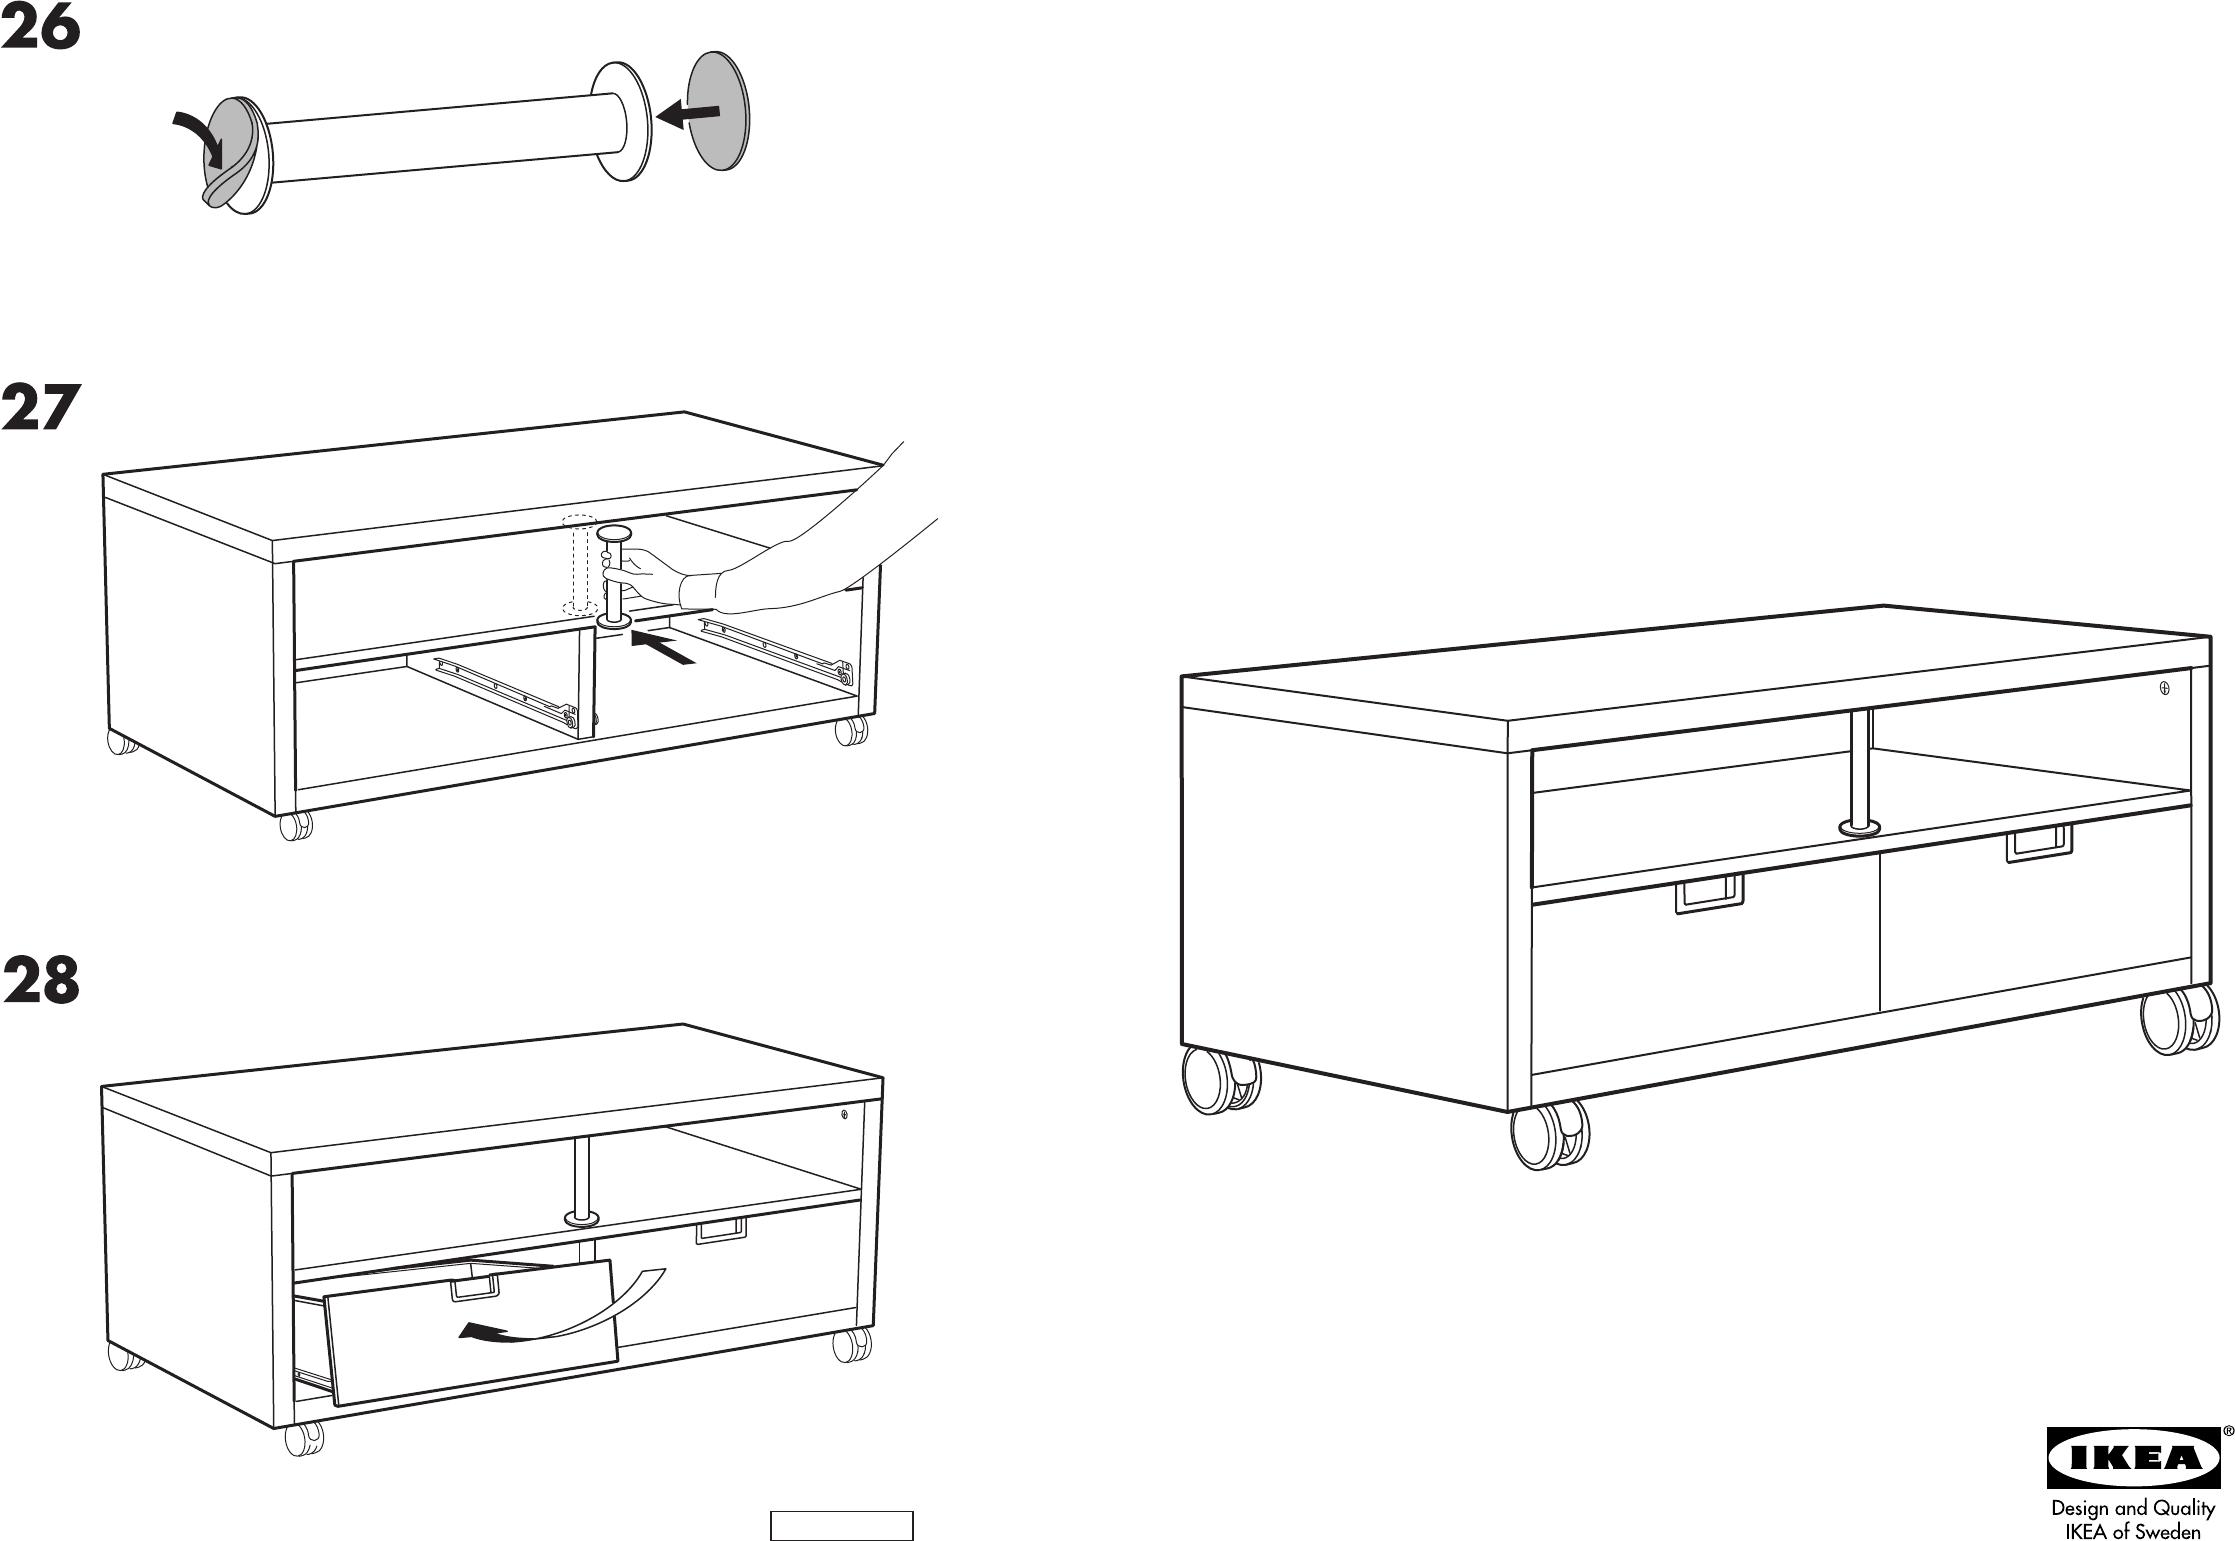 Handleiding Ikea Besta Jagra Tv Meubel Pagina 1 Van 8